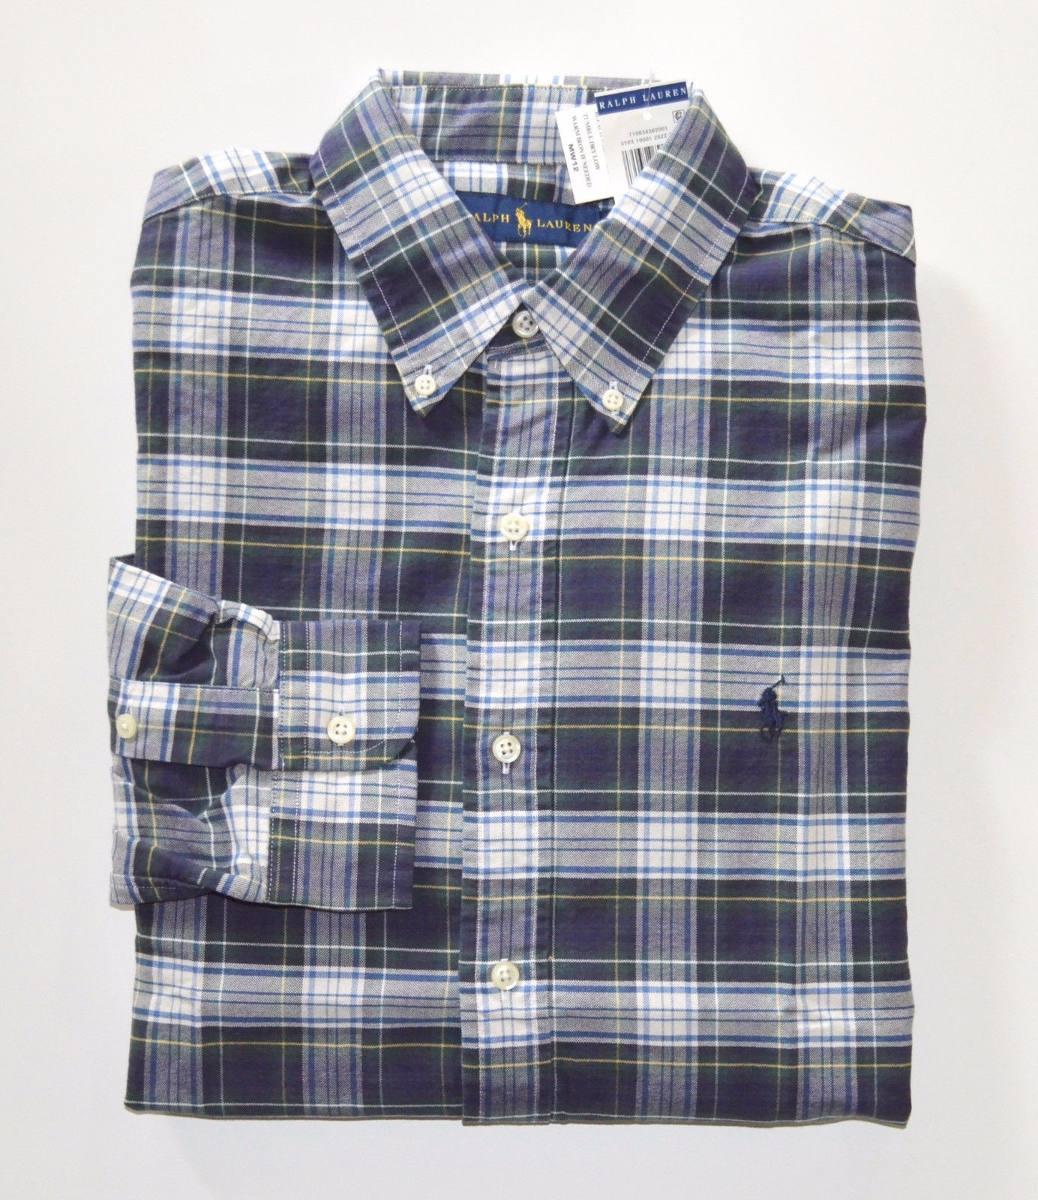 30fecbf803 camisa social polo ralph lauren tamanho p   s nova original. Carregando  zoom.